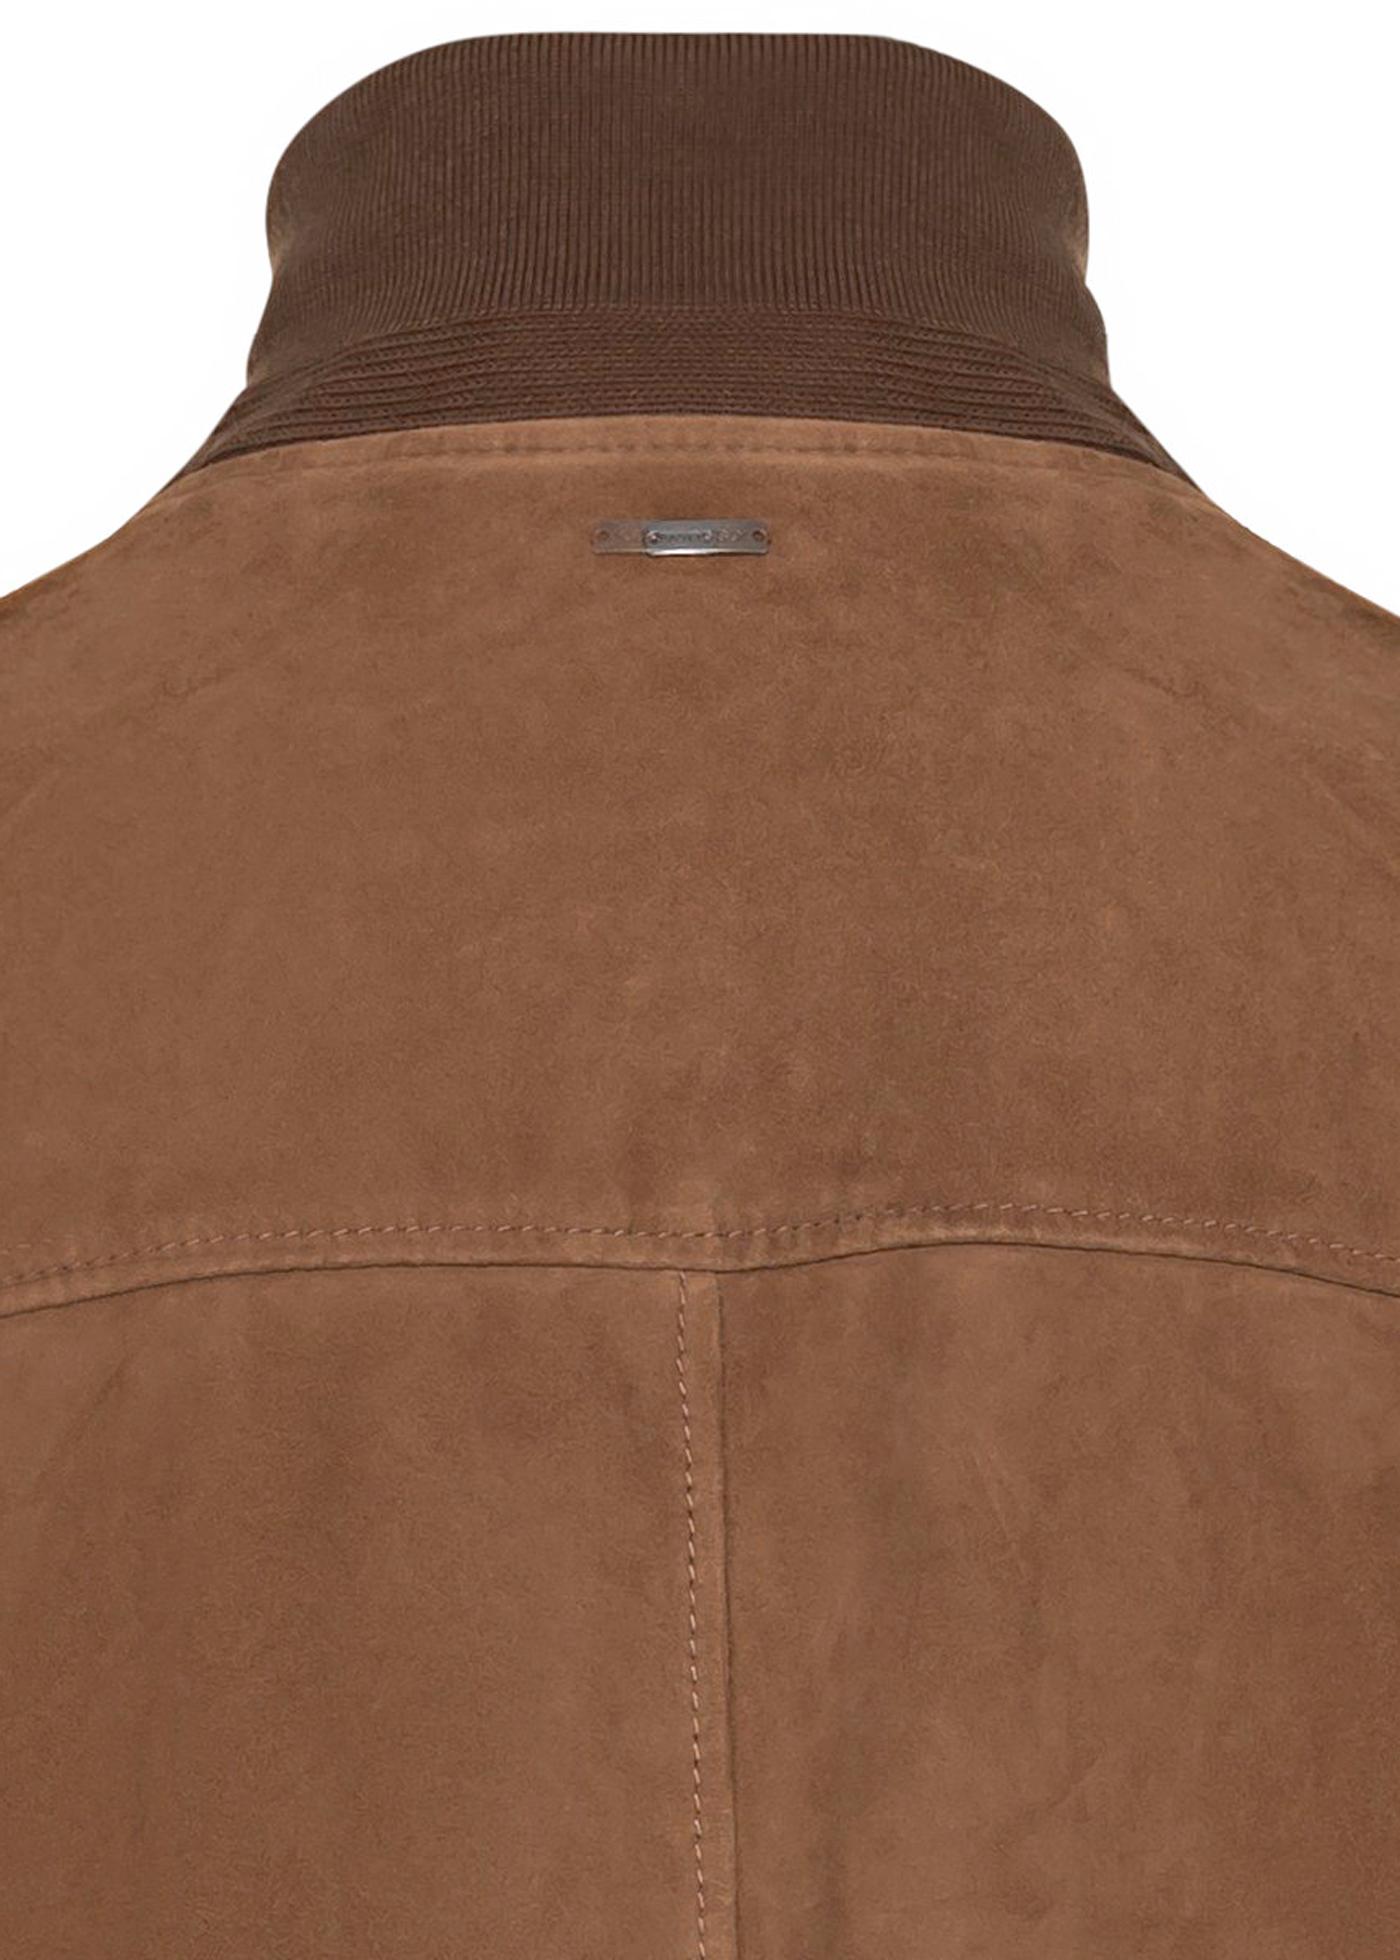 Lederjacket Baro-L 1300102 image number 3